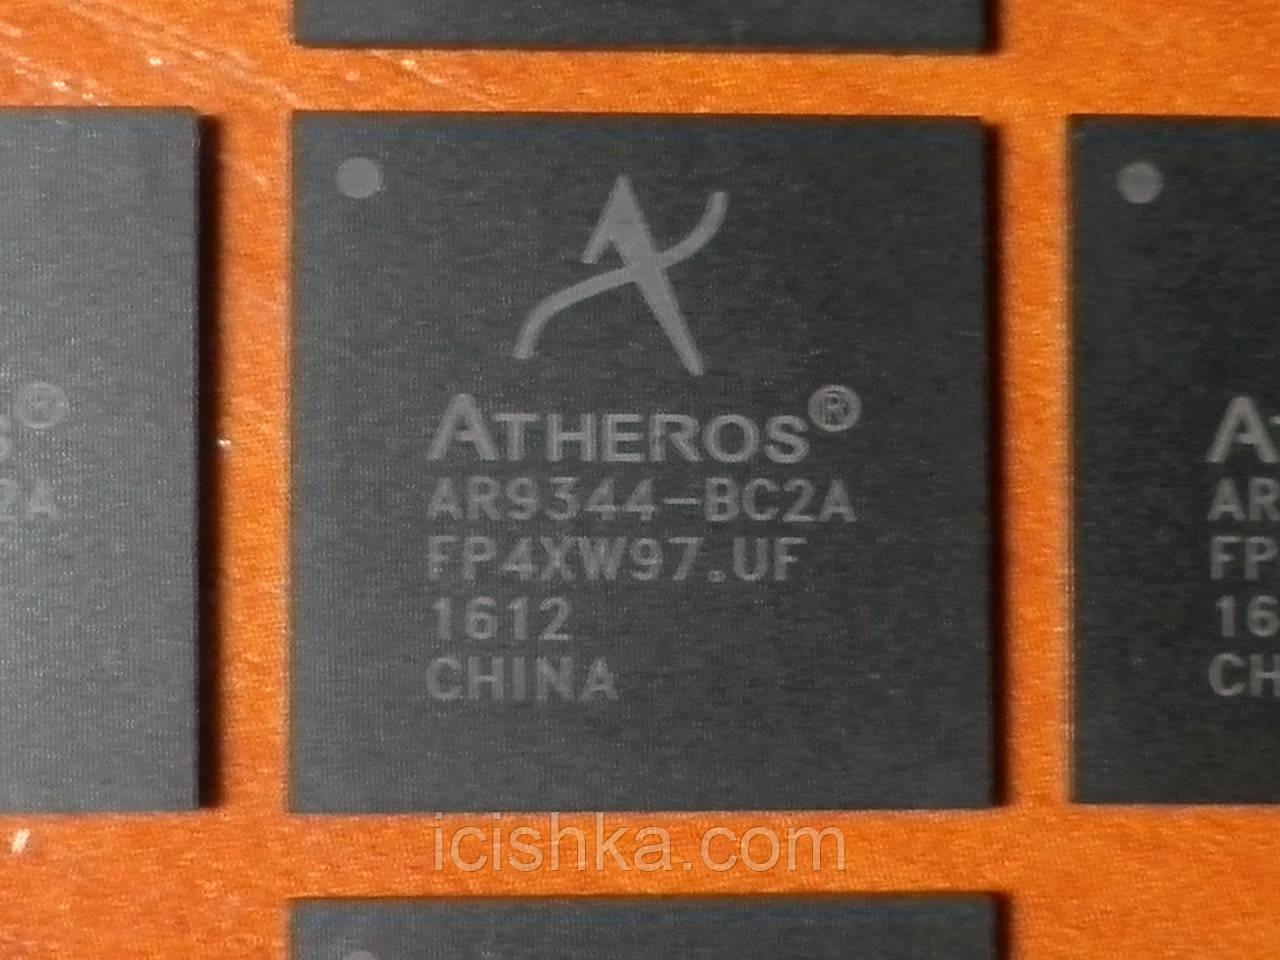 Atheros AR9344-BC2A BGA409 - SoC IEEE 802.11n 2x2 2.4/5 GHz - однокристальный сетевой процессор